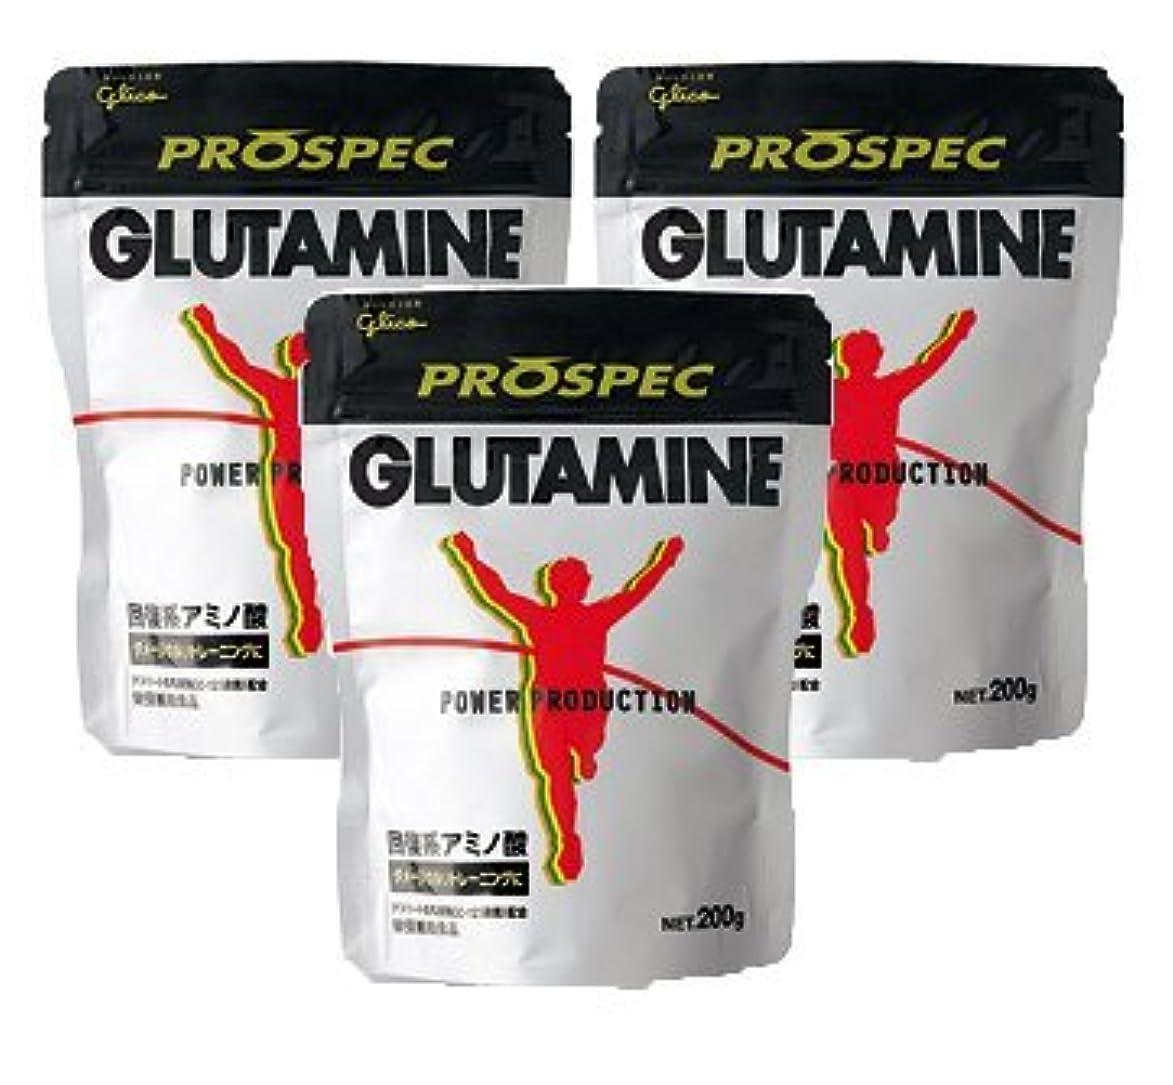 急ぐどちらも製造業【3個セット】グリコ アミノ酸プロスペックグルタミンパウダー PROSUPEC GLUTAMINE 200g Glico